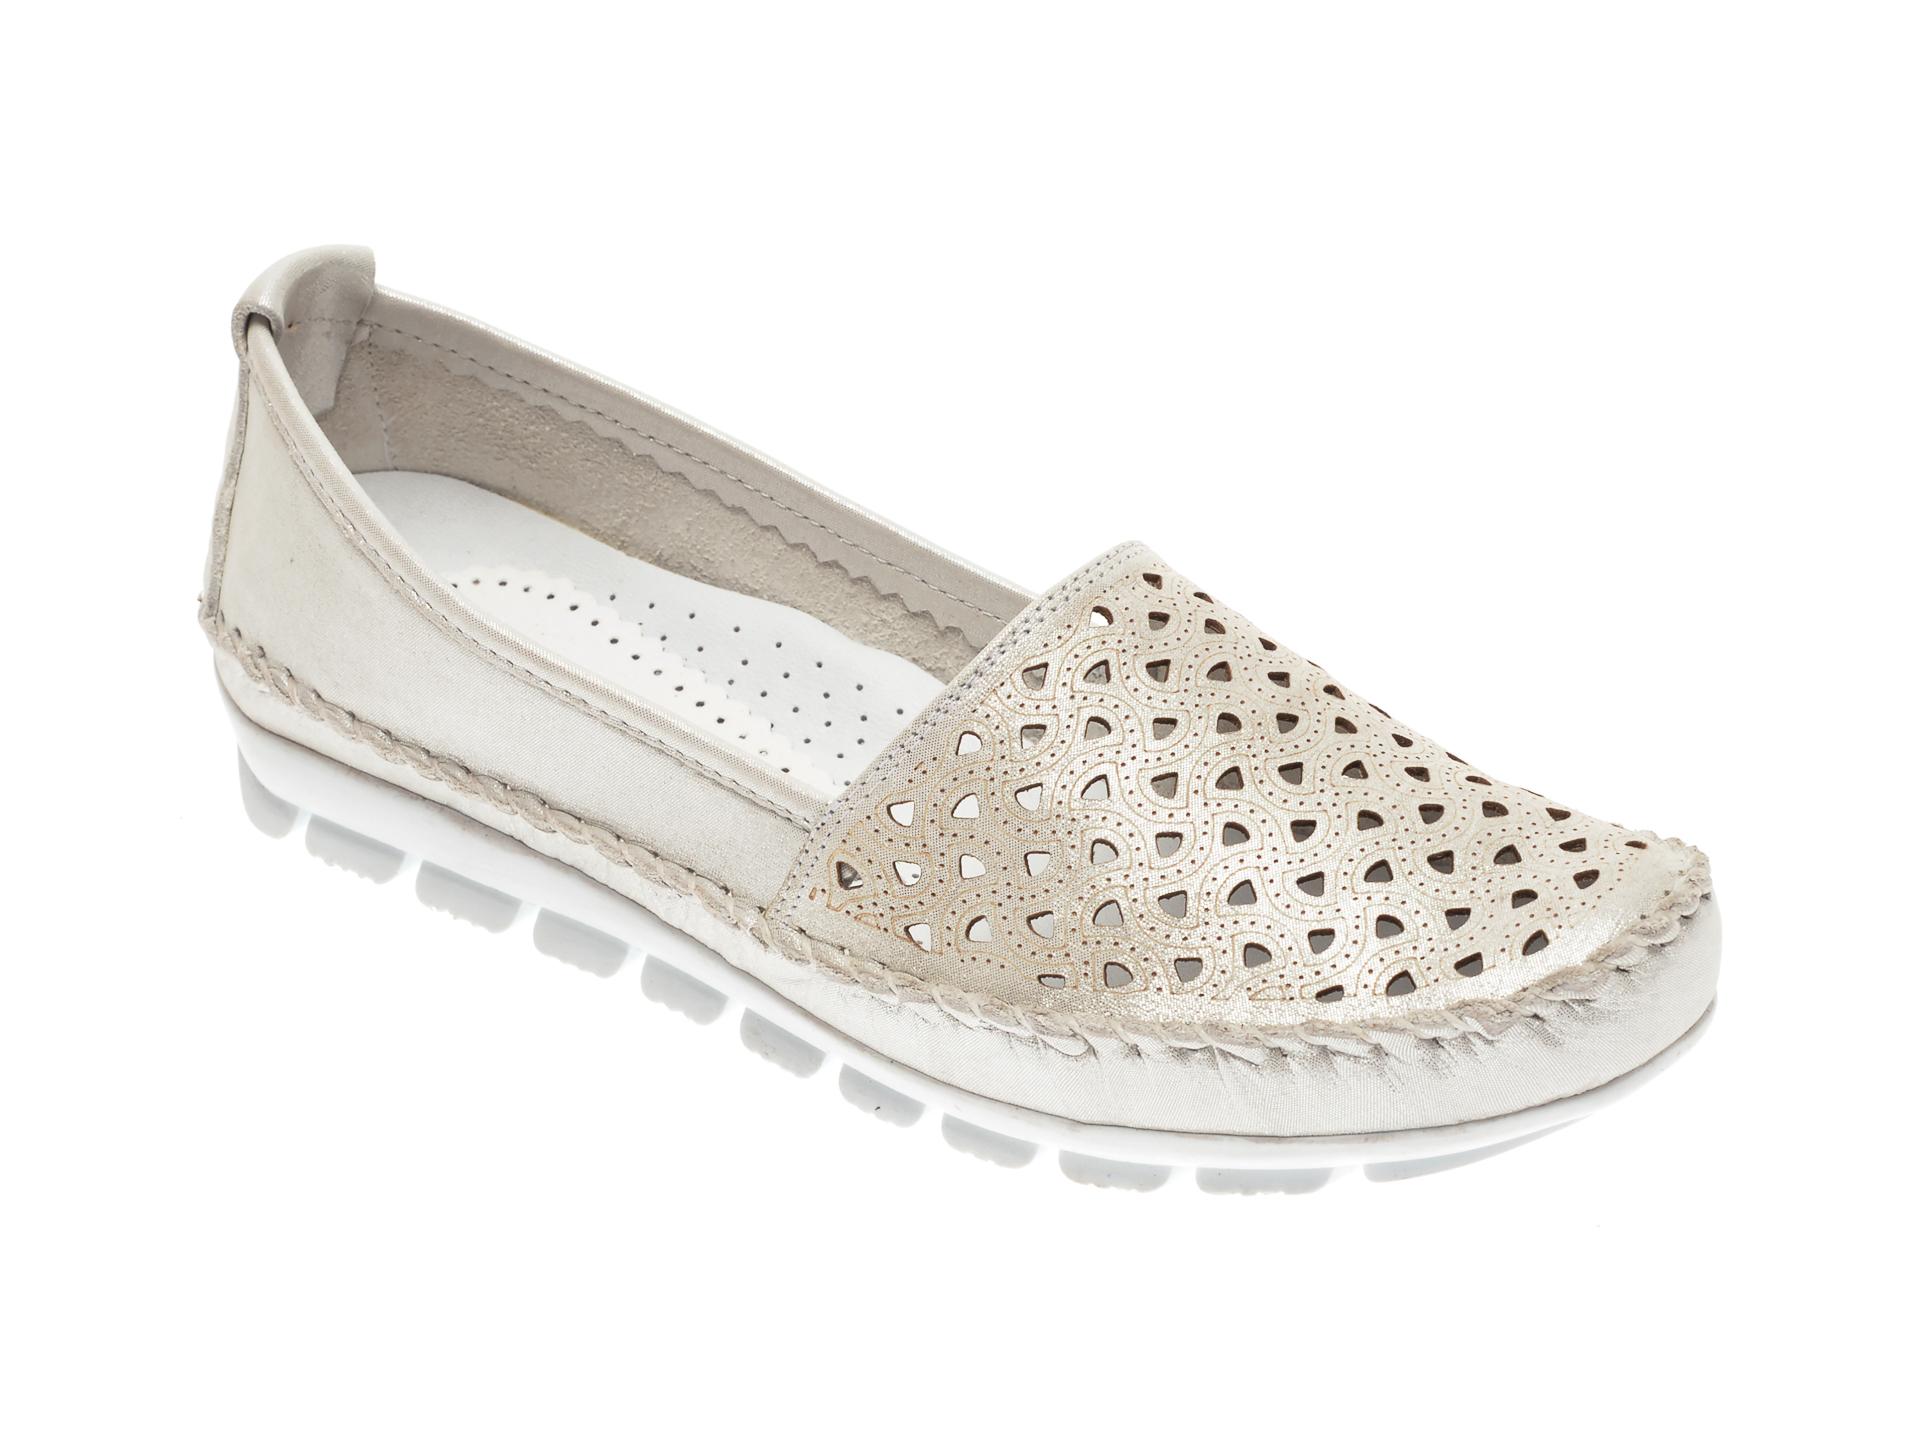 Pantofi MANLISA albi, 128, din piele naturala